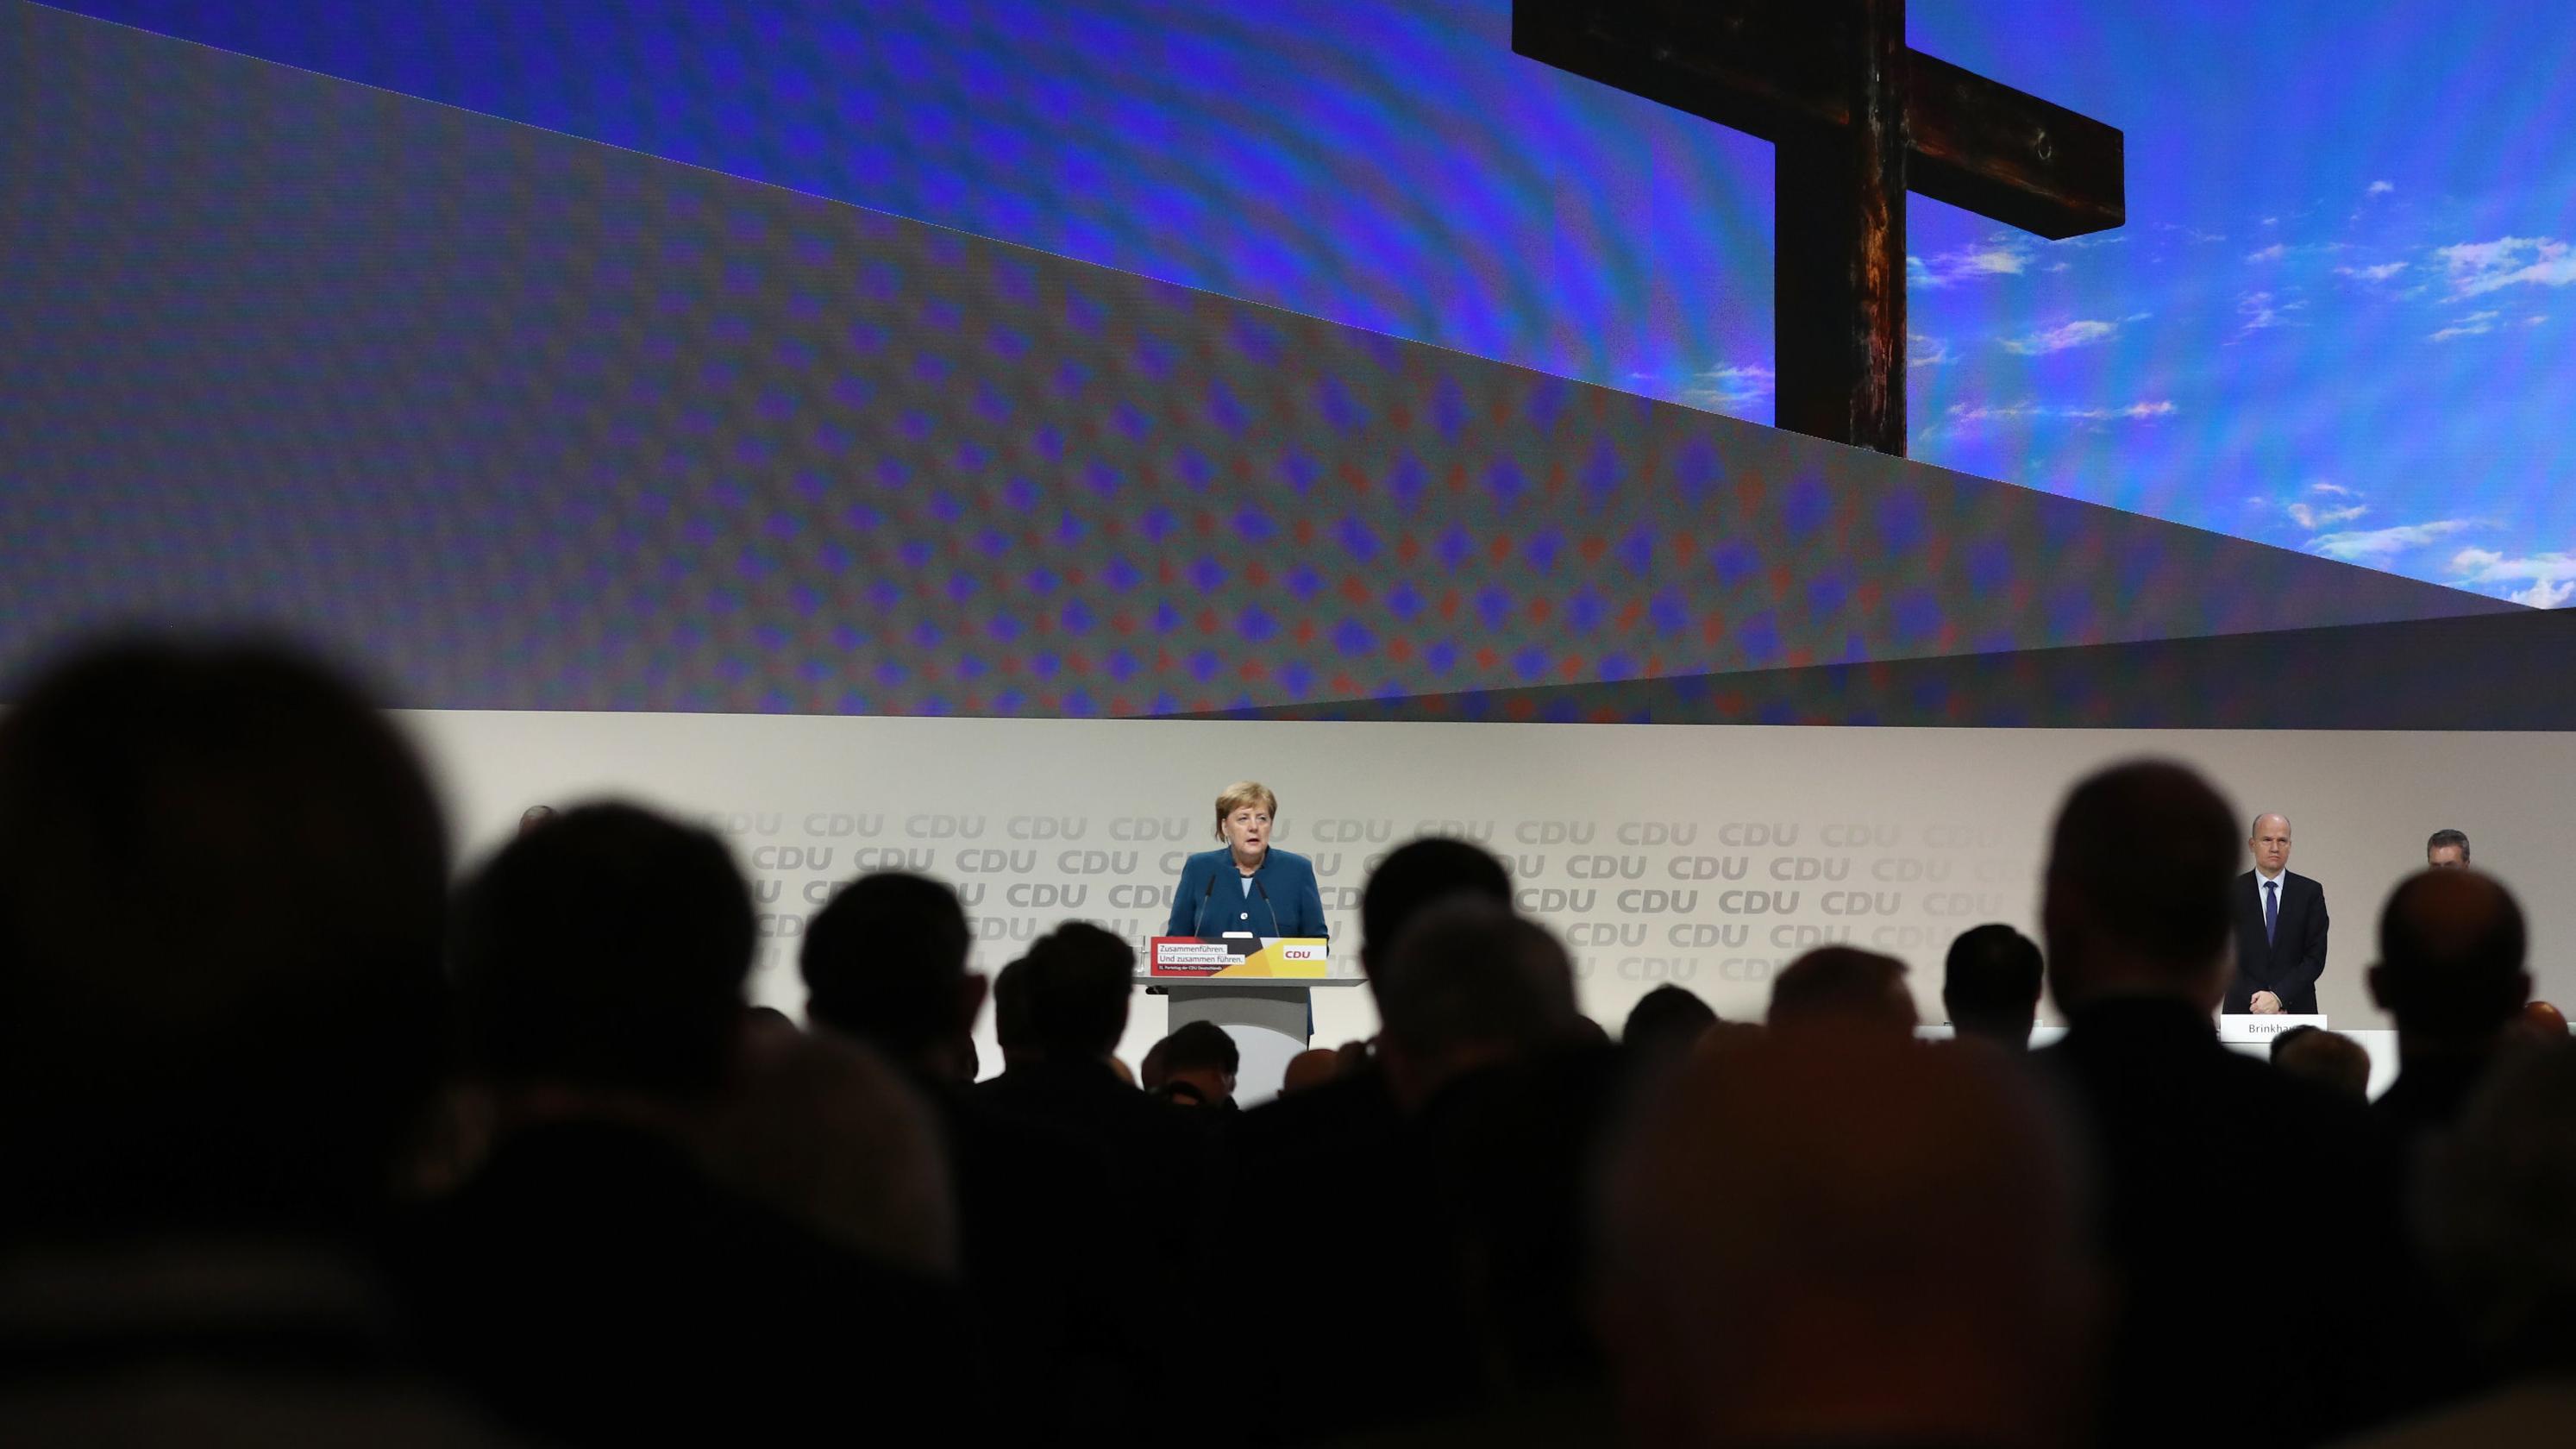 CDU-Parteitag: Was hinter den Kulissen geschah